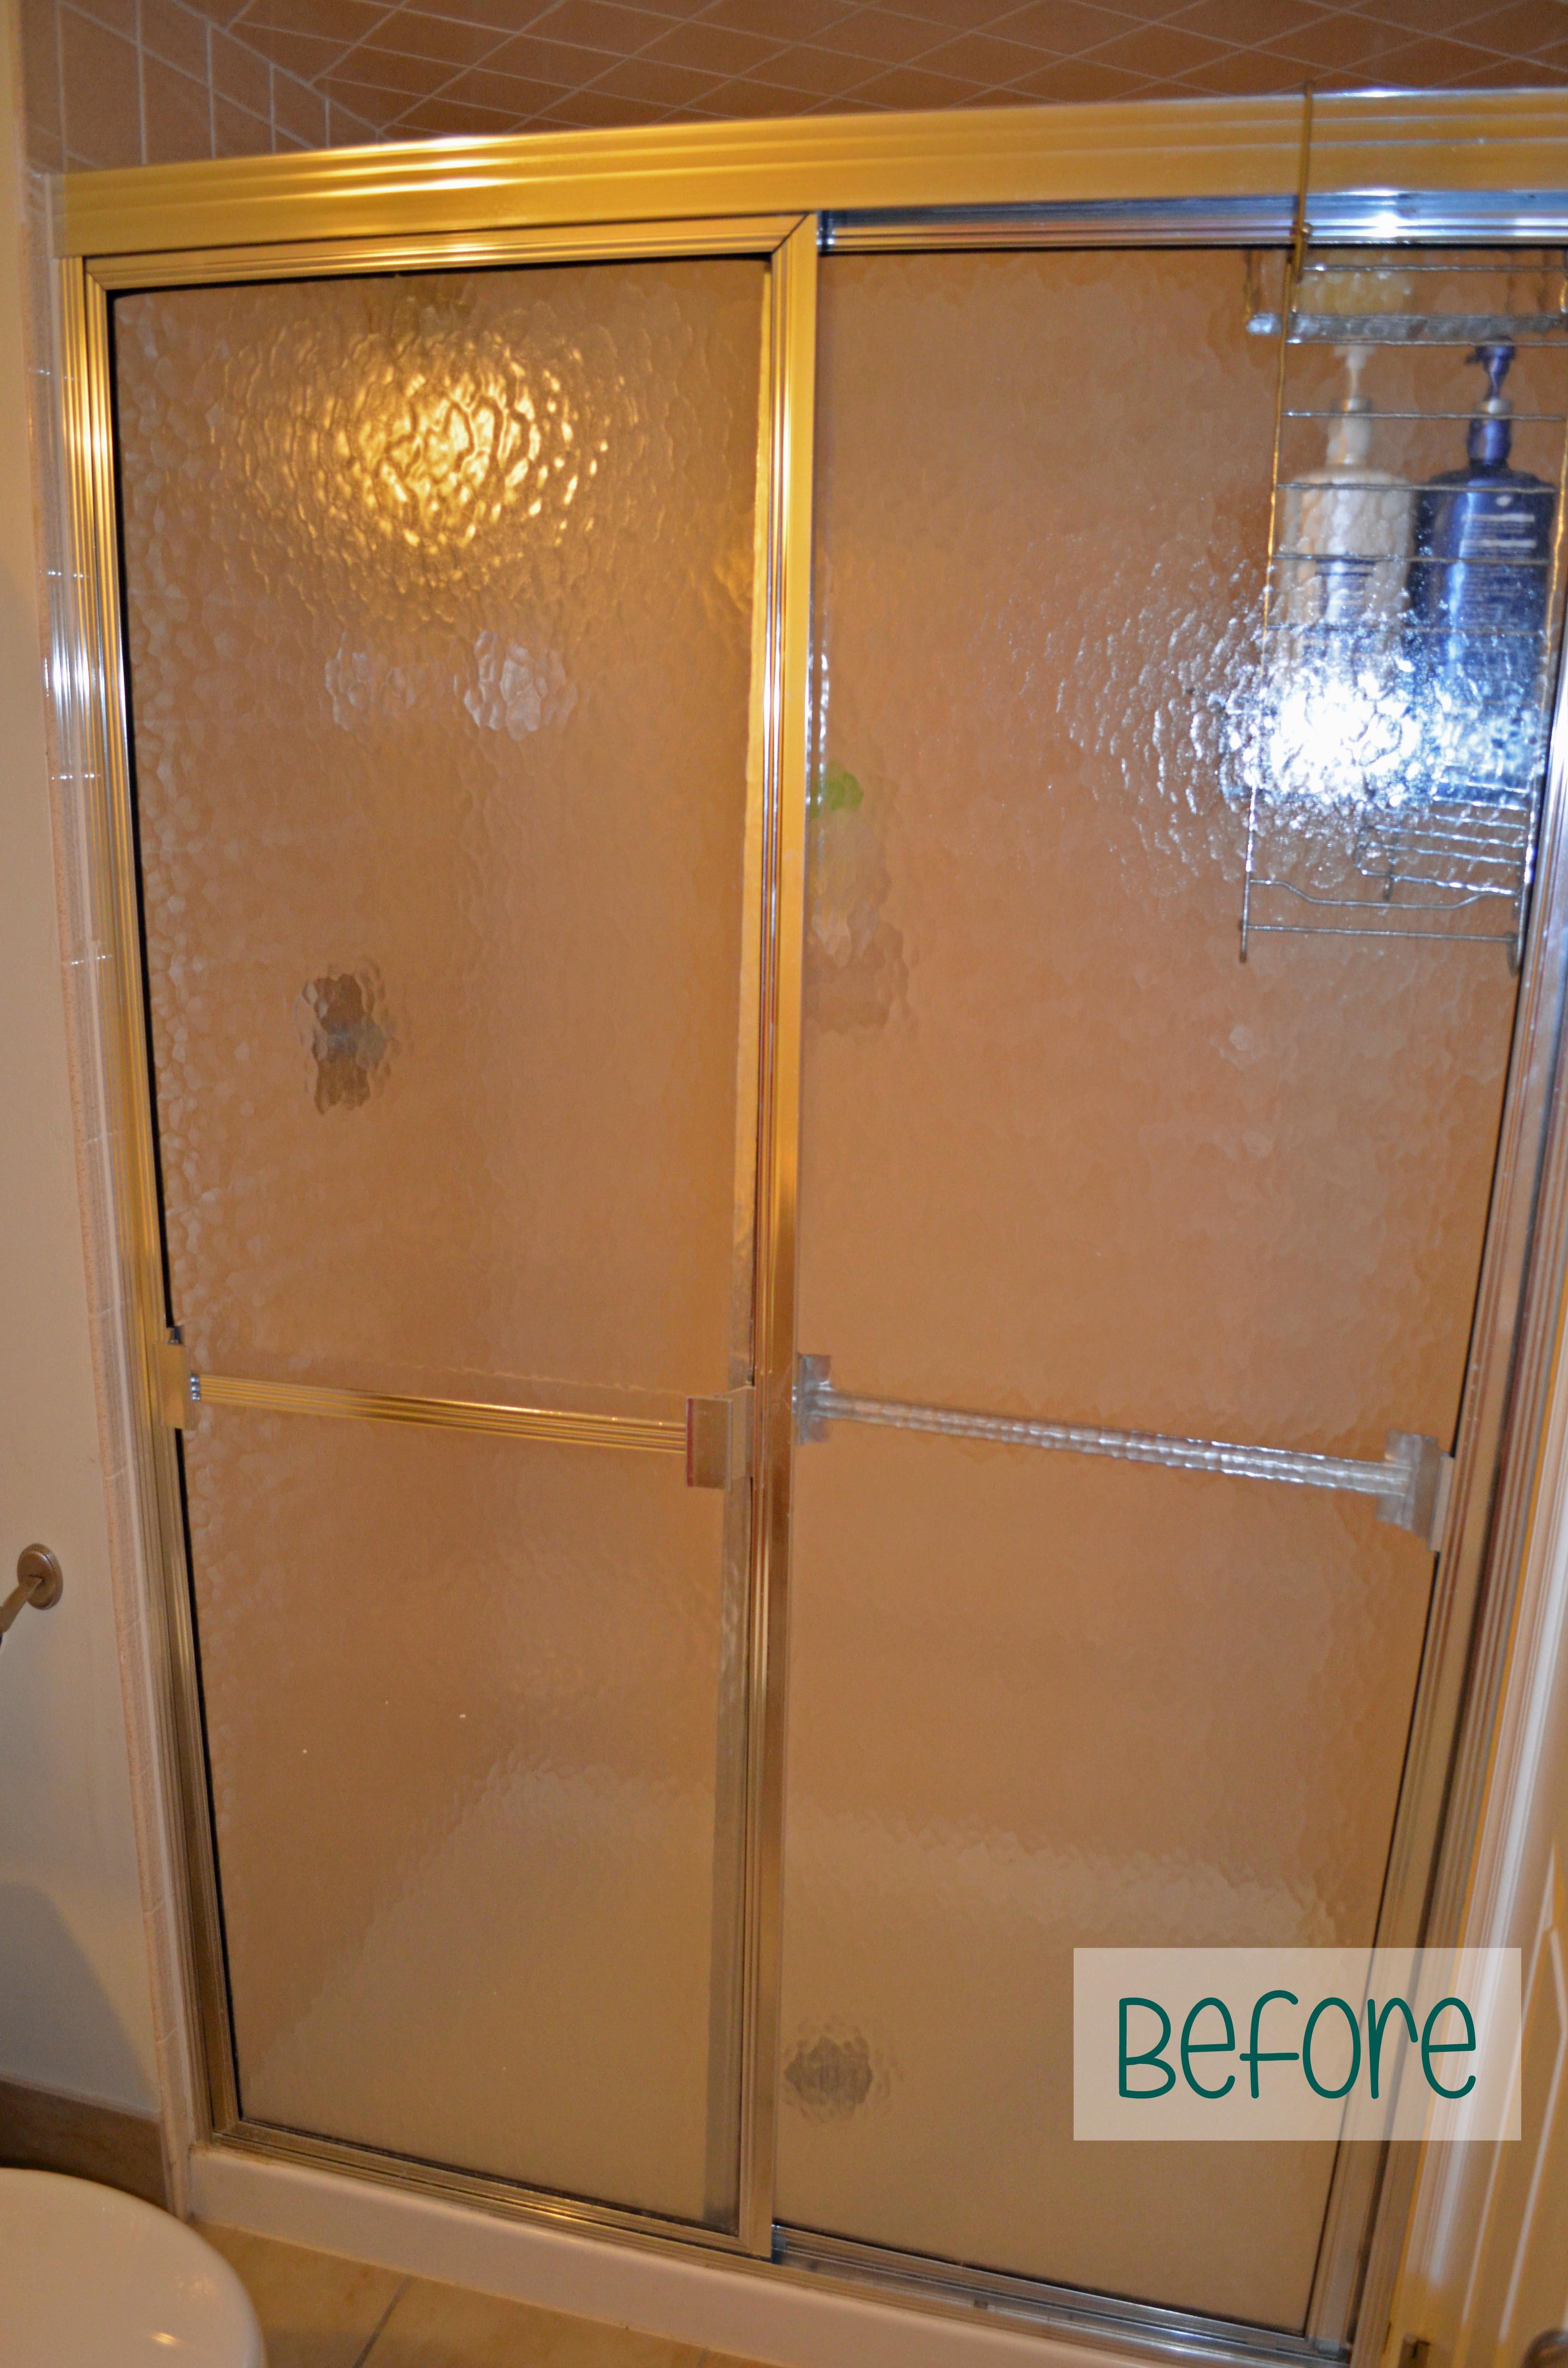 Guest room shower doors - Before